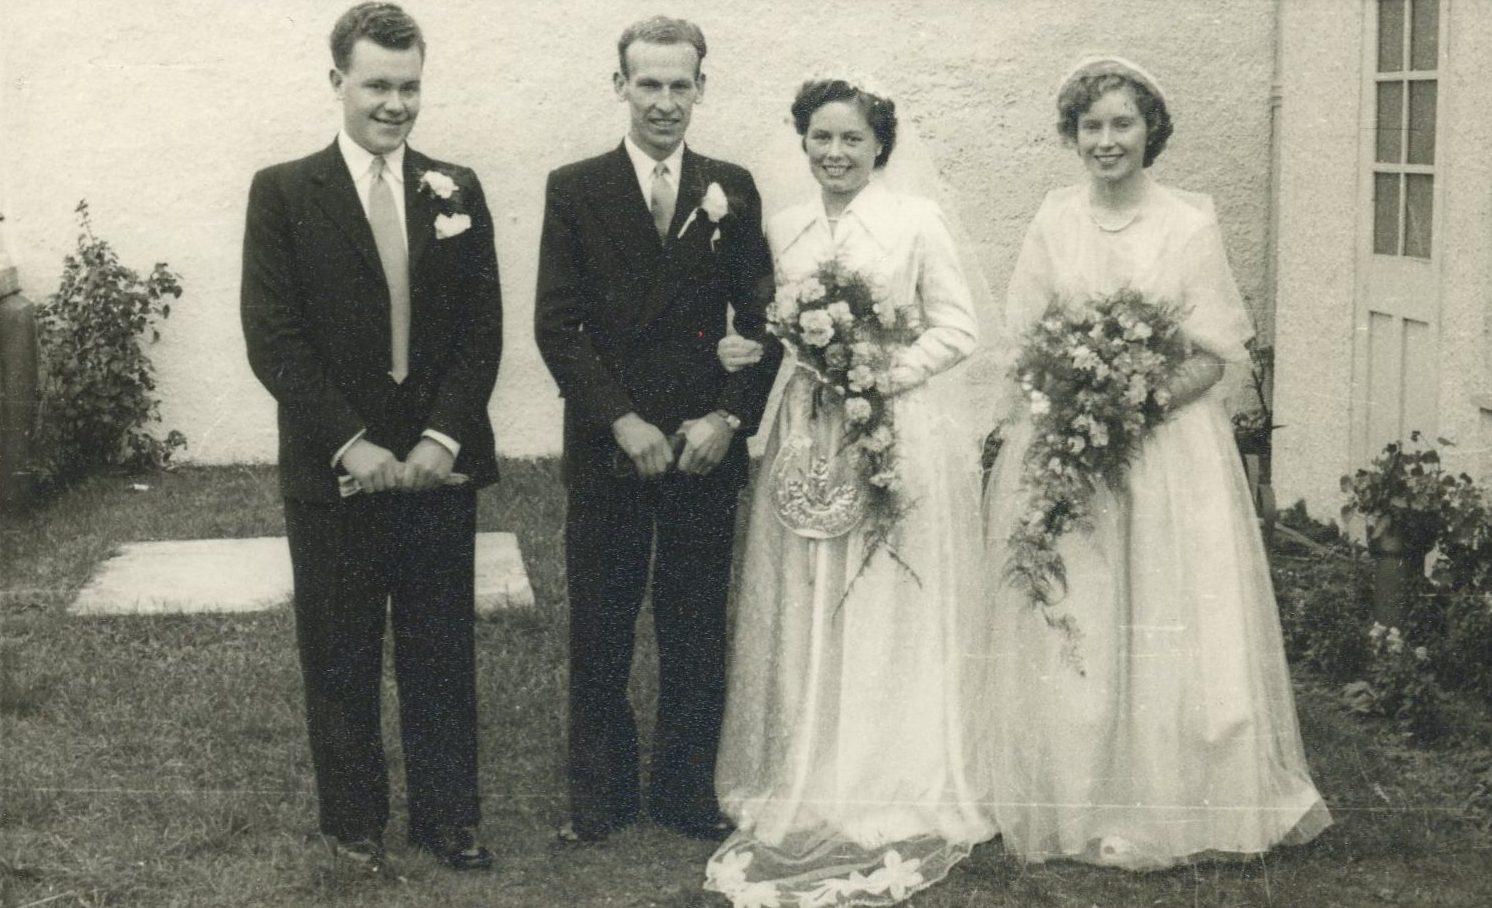 Alistair and Dina MacDonald